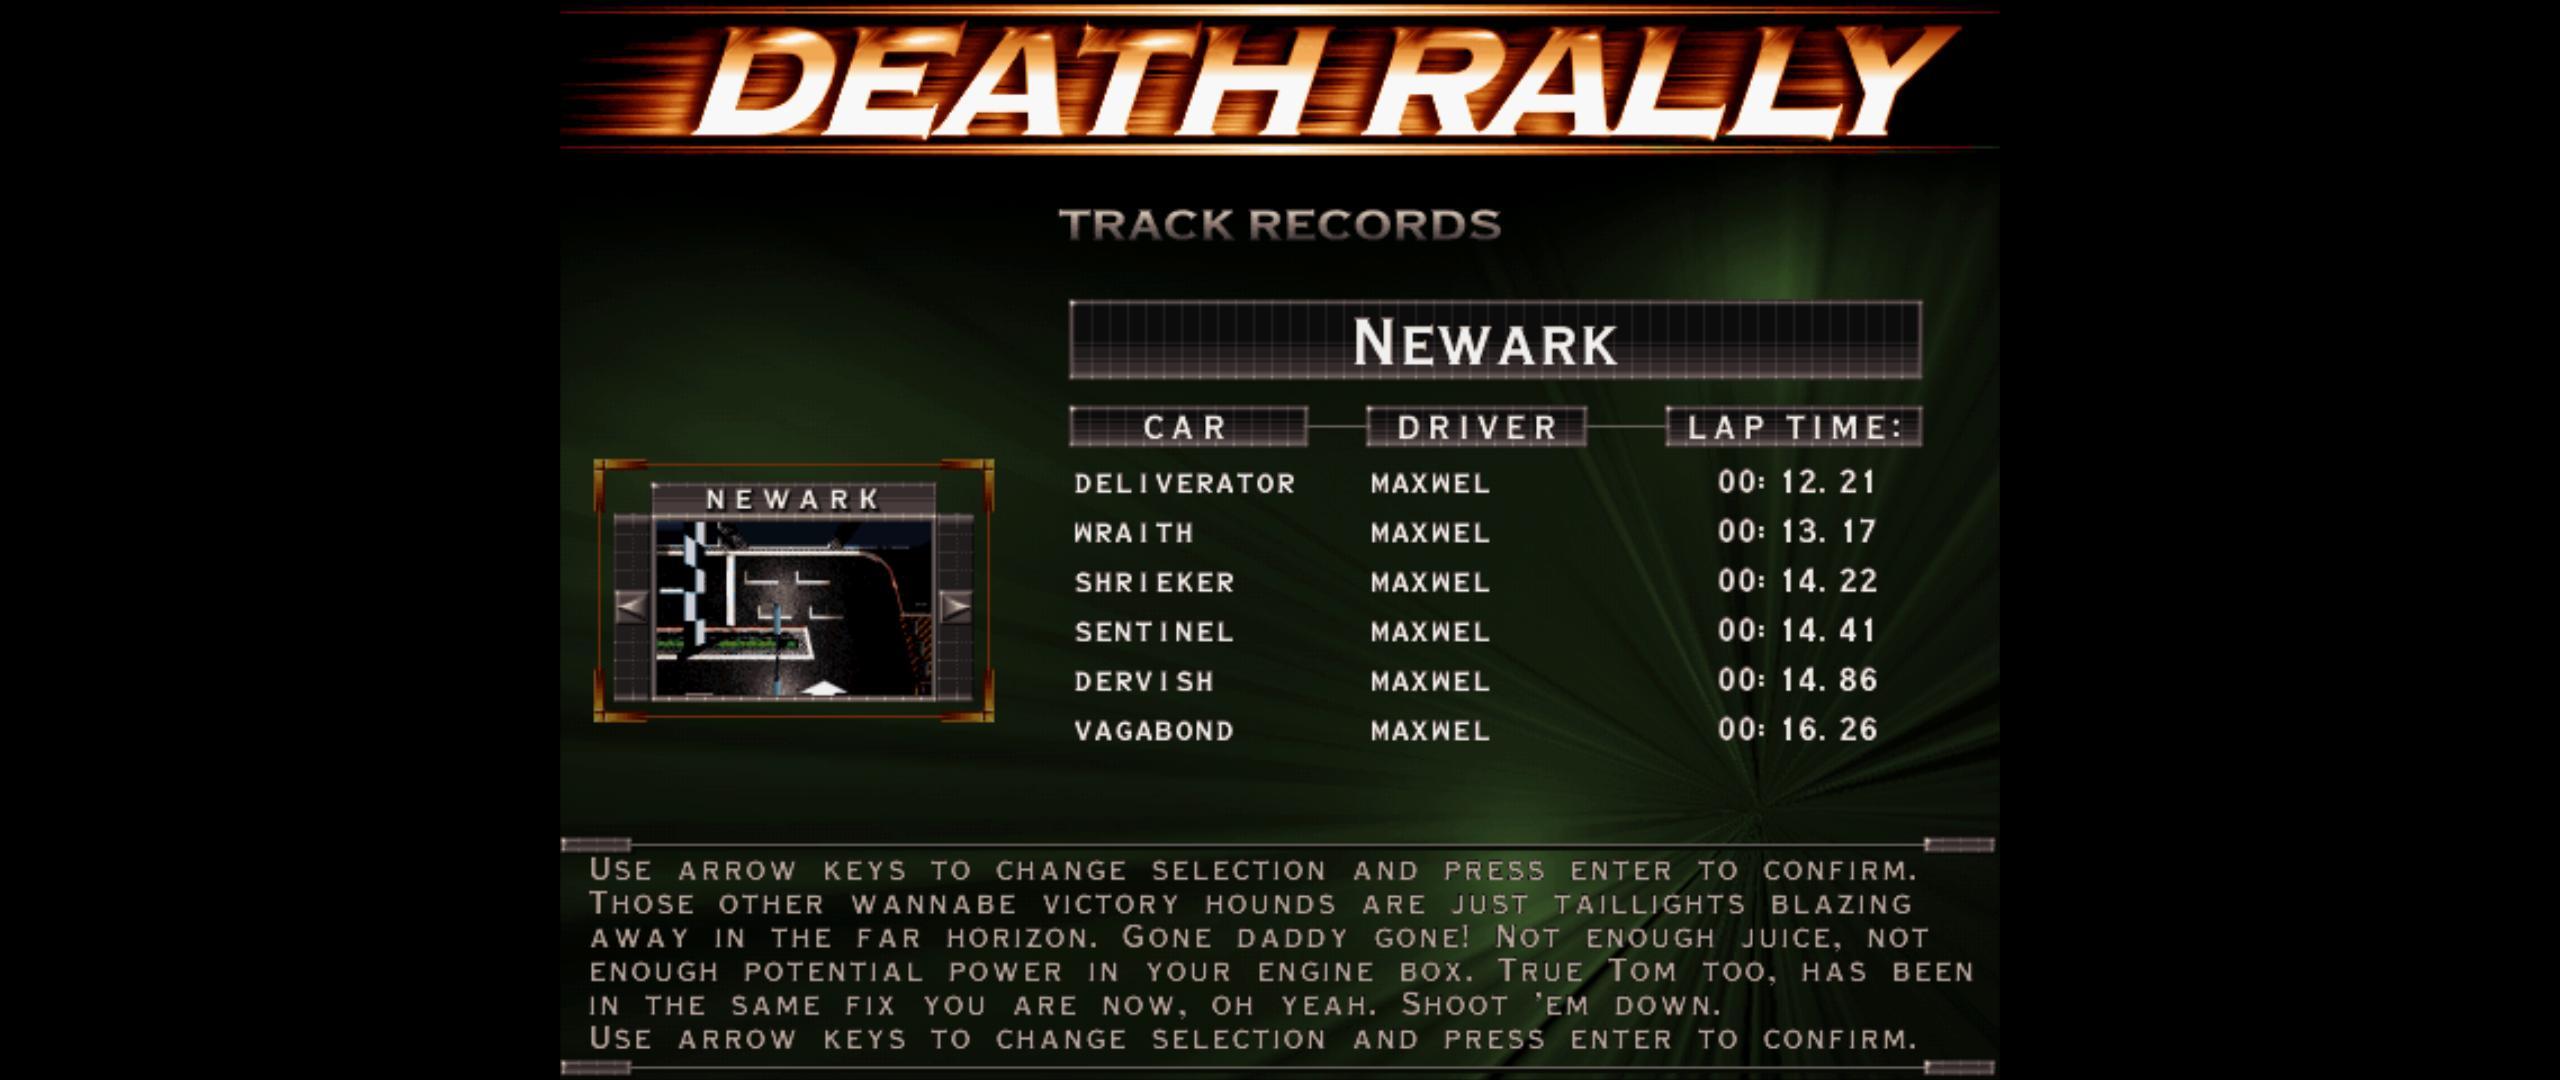 Maxwel: Death Rally [New Ark, Wraith Car] (PC) 0:00:13.17 points on 2016-03-04 08:04:19